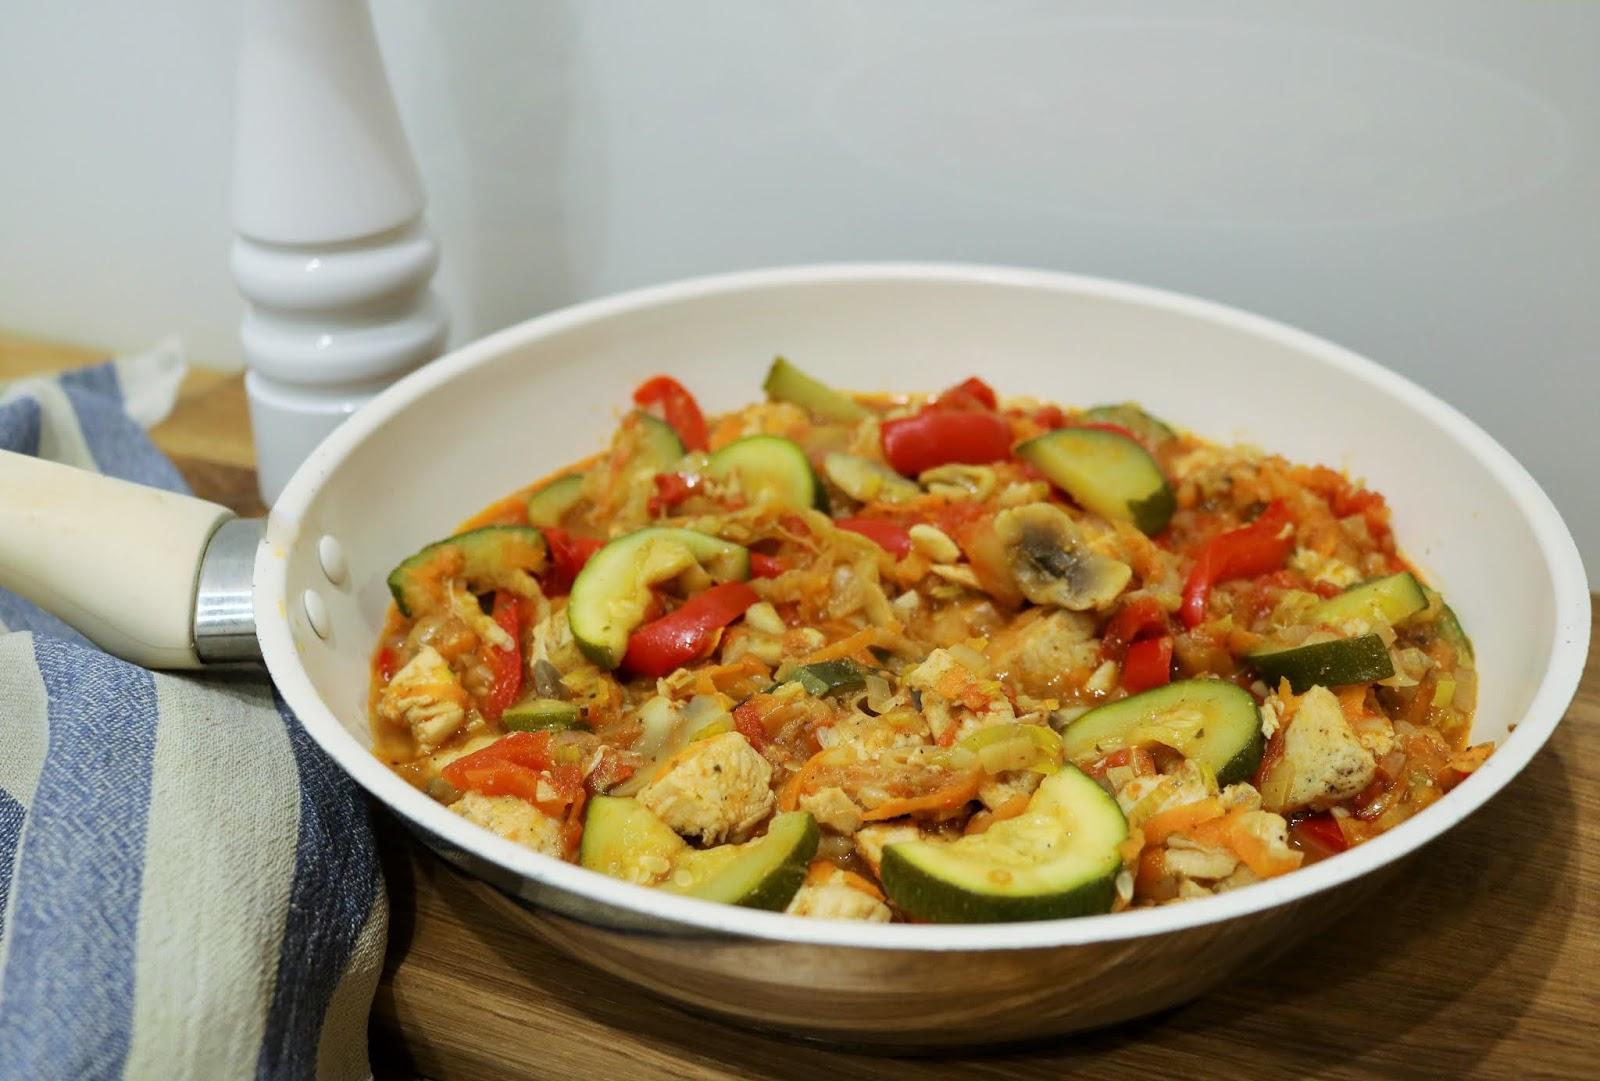 zdrowy obiad z piersią z kurczaka i warzywami